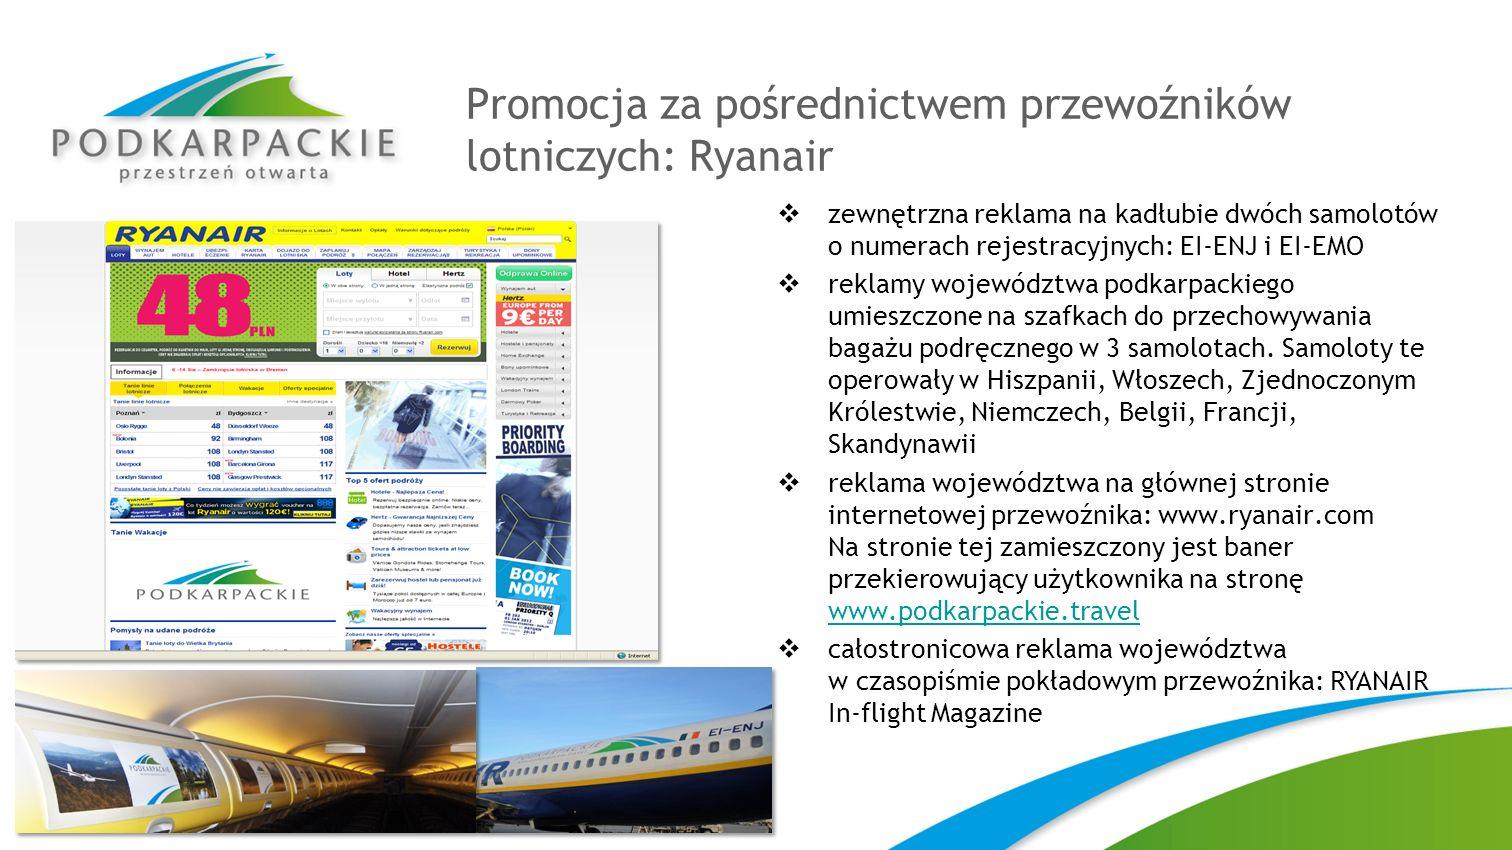 Promocja za pośrednictwem przewoźników lotniczych: Ryanair zewnętrzna reklama na kadłubie dwóch samolotów o numerach rejestracyjnych: EI-ENJ i EI-EMO